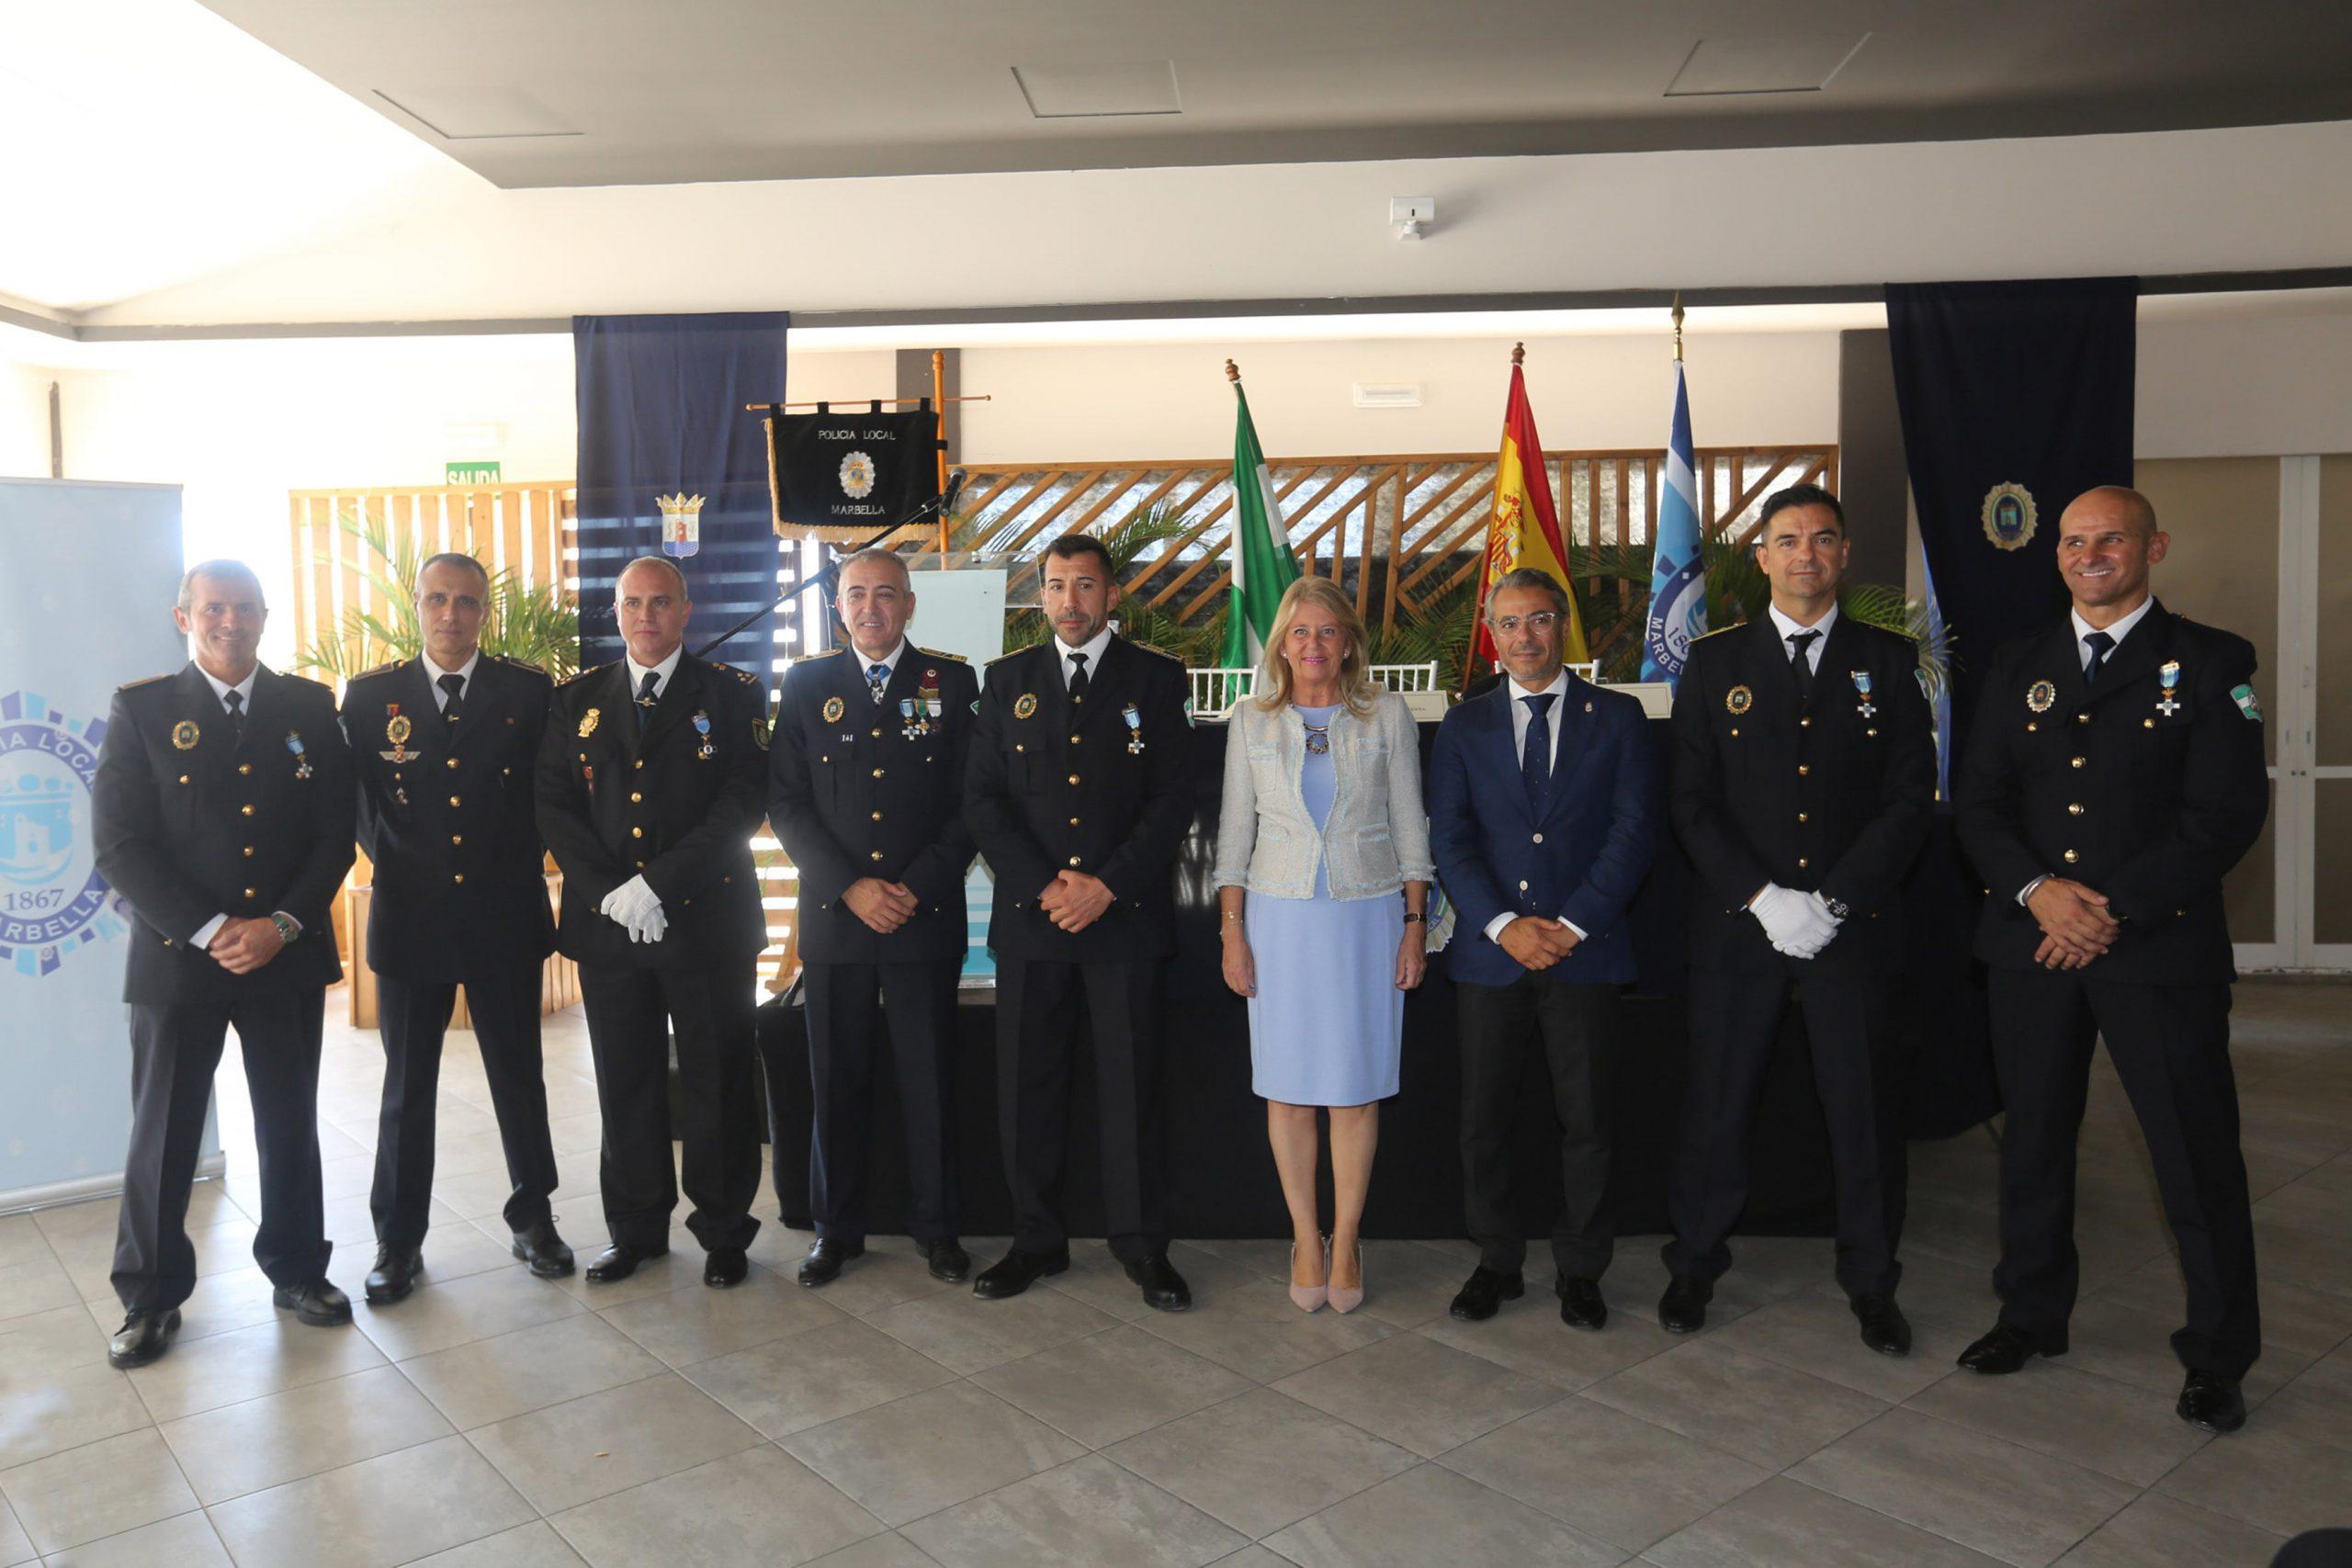 La alcaldesa ha asistido hoy a la entrega de medallas y felicitaciones en el Día de la Policía Local